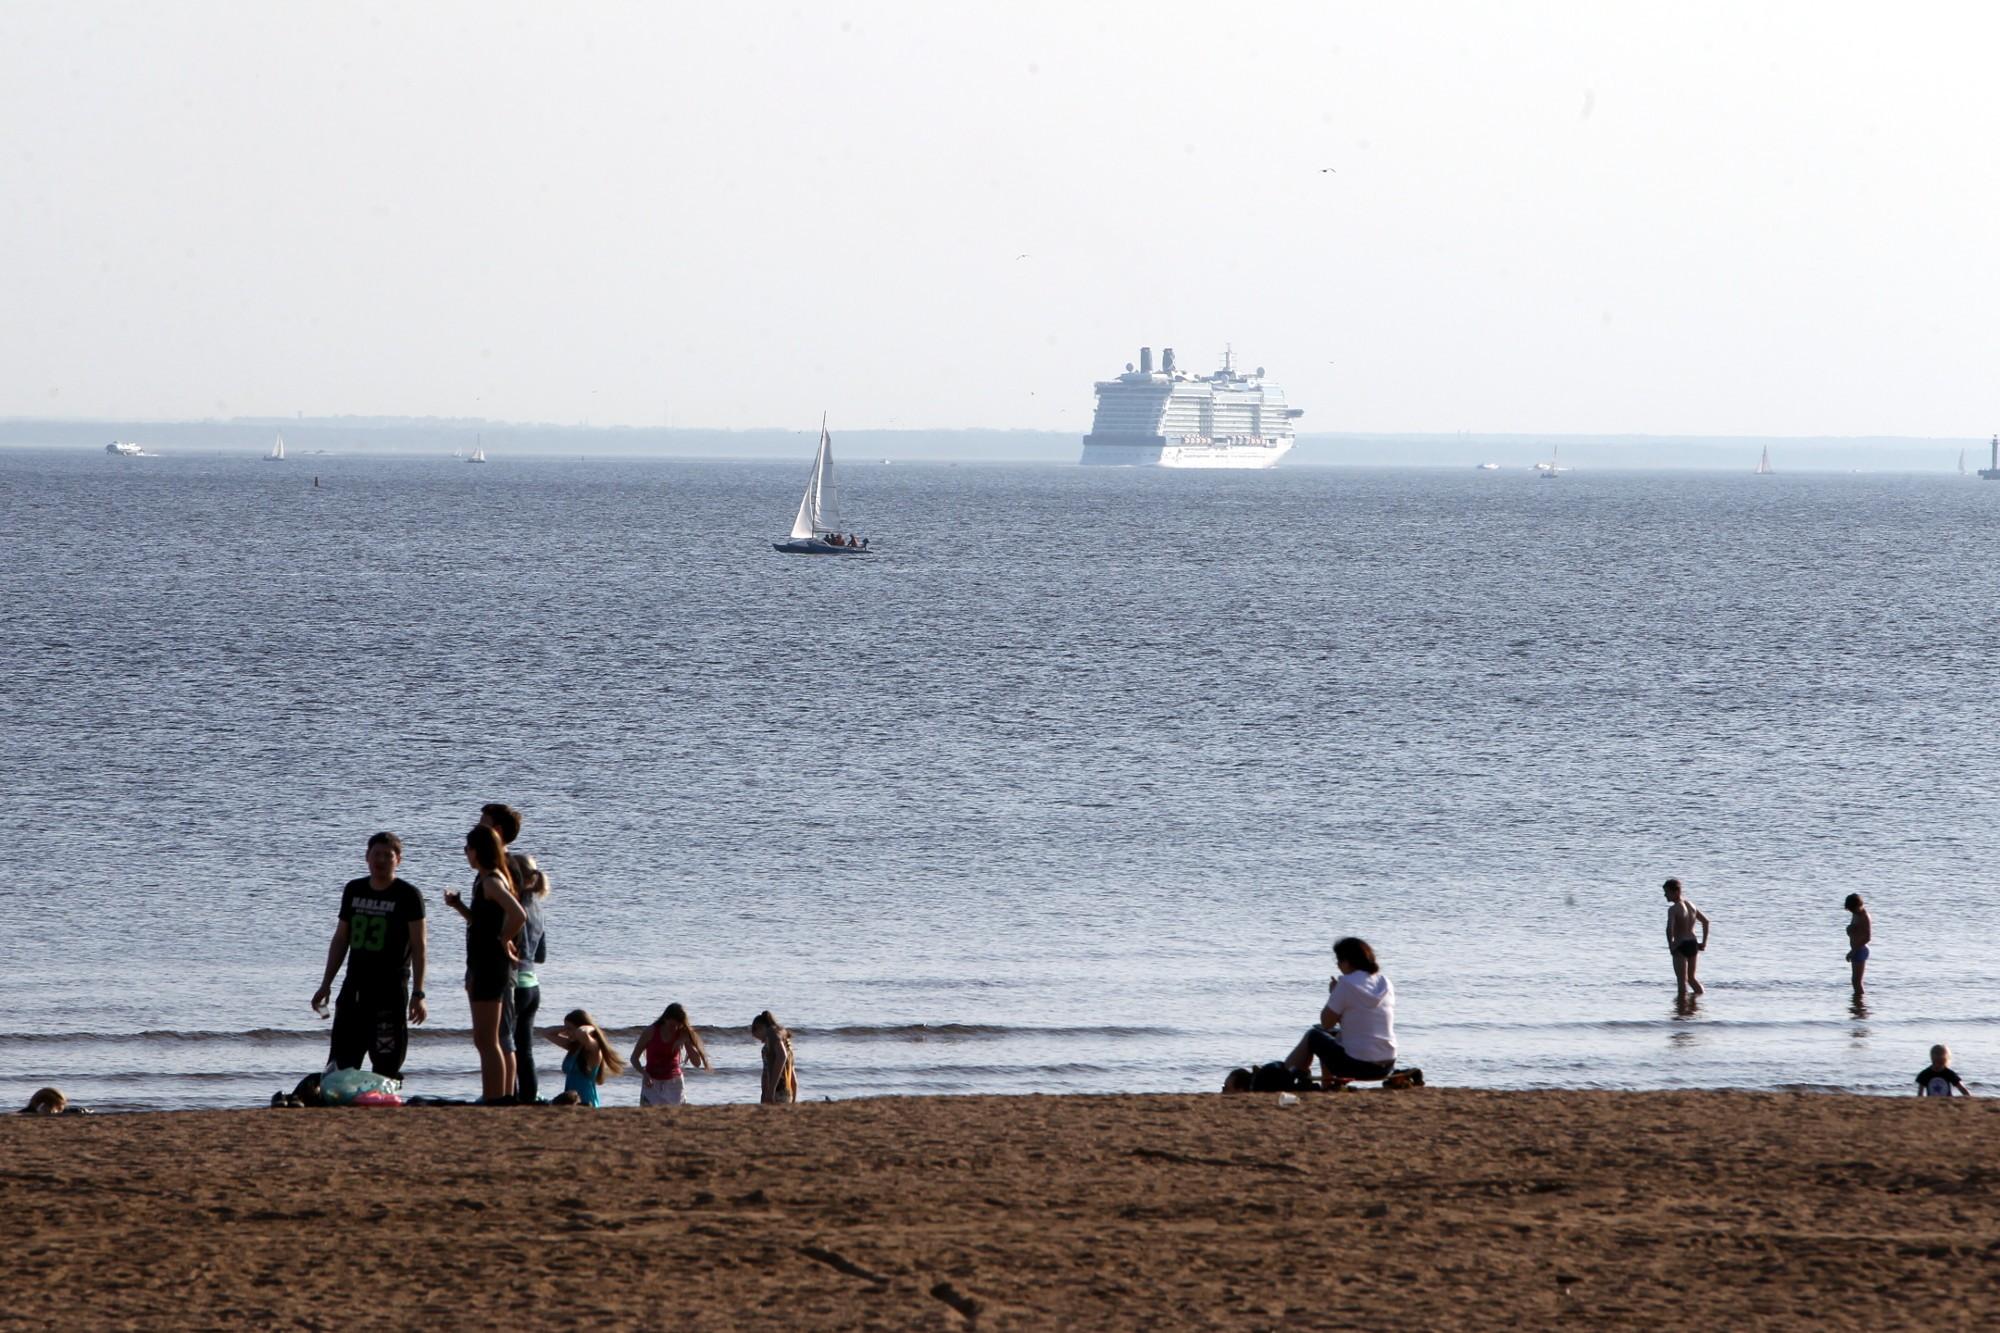 пляж парк 300-летия финский залив море яхта лайнер